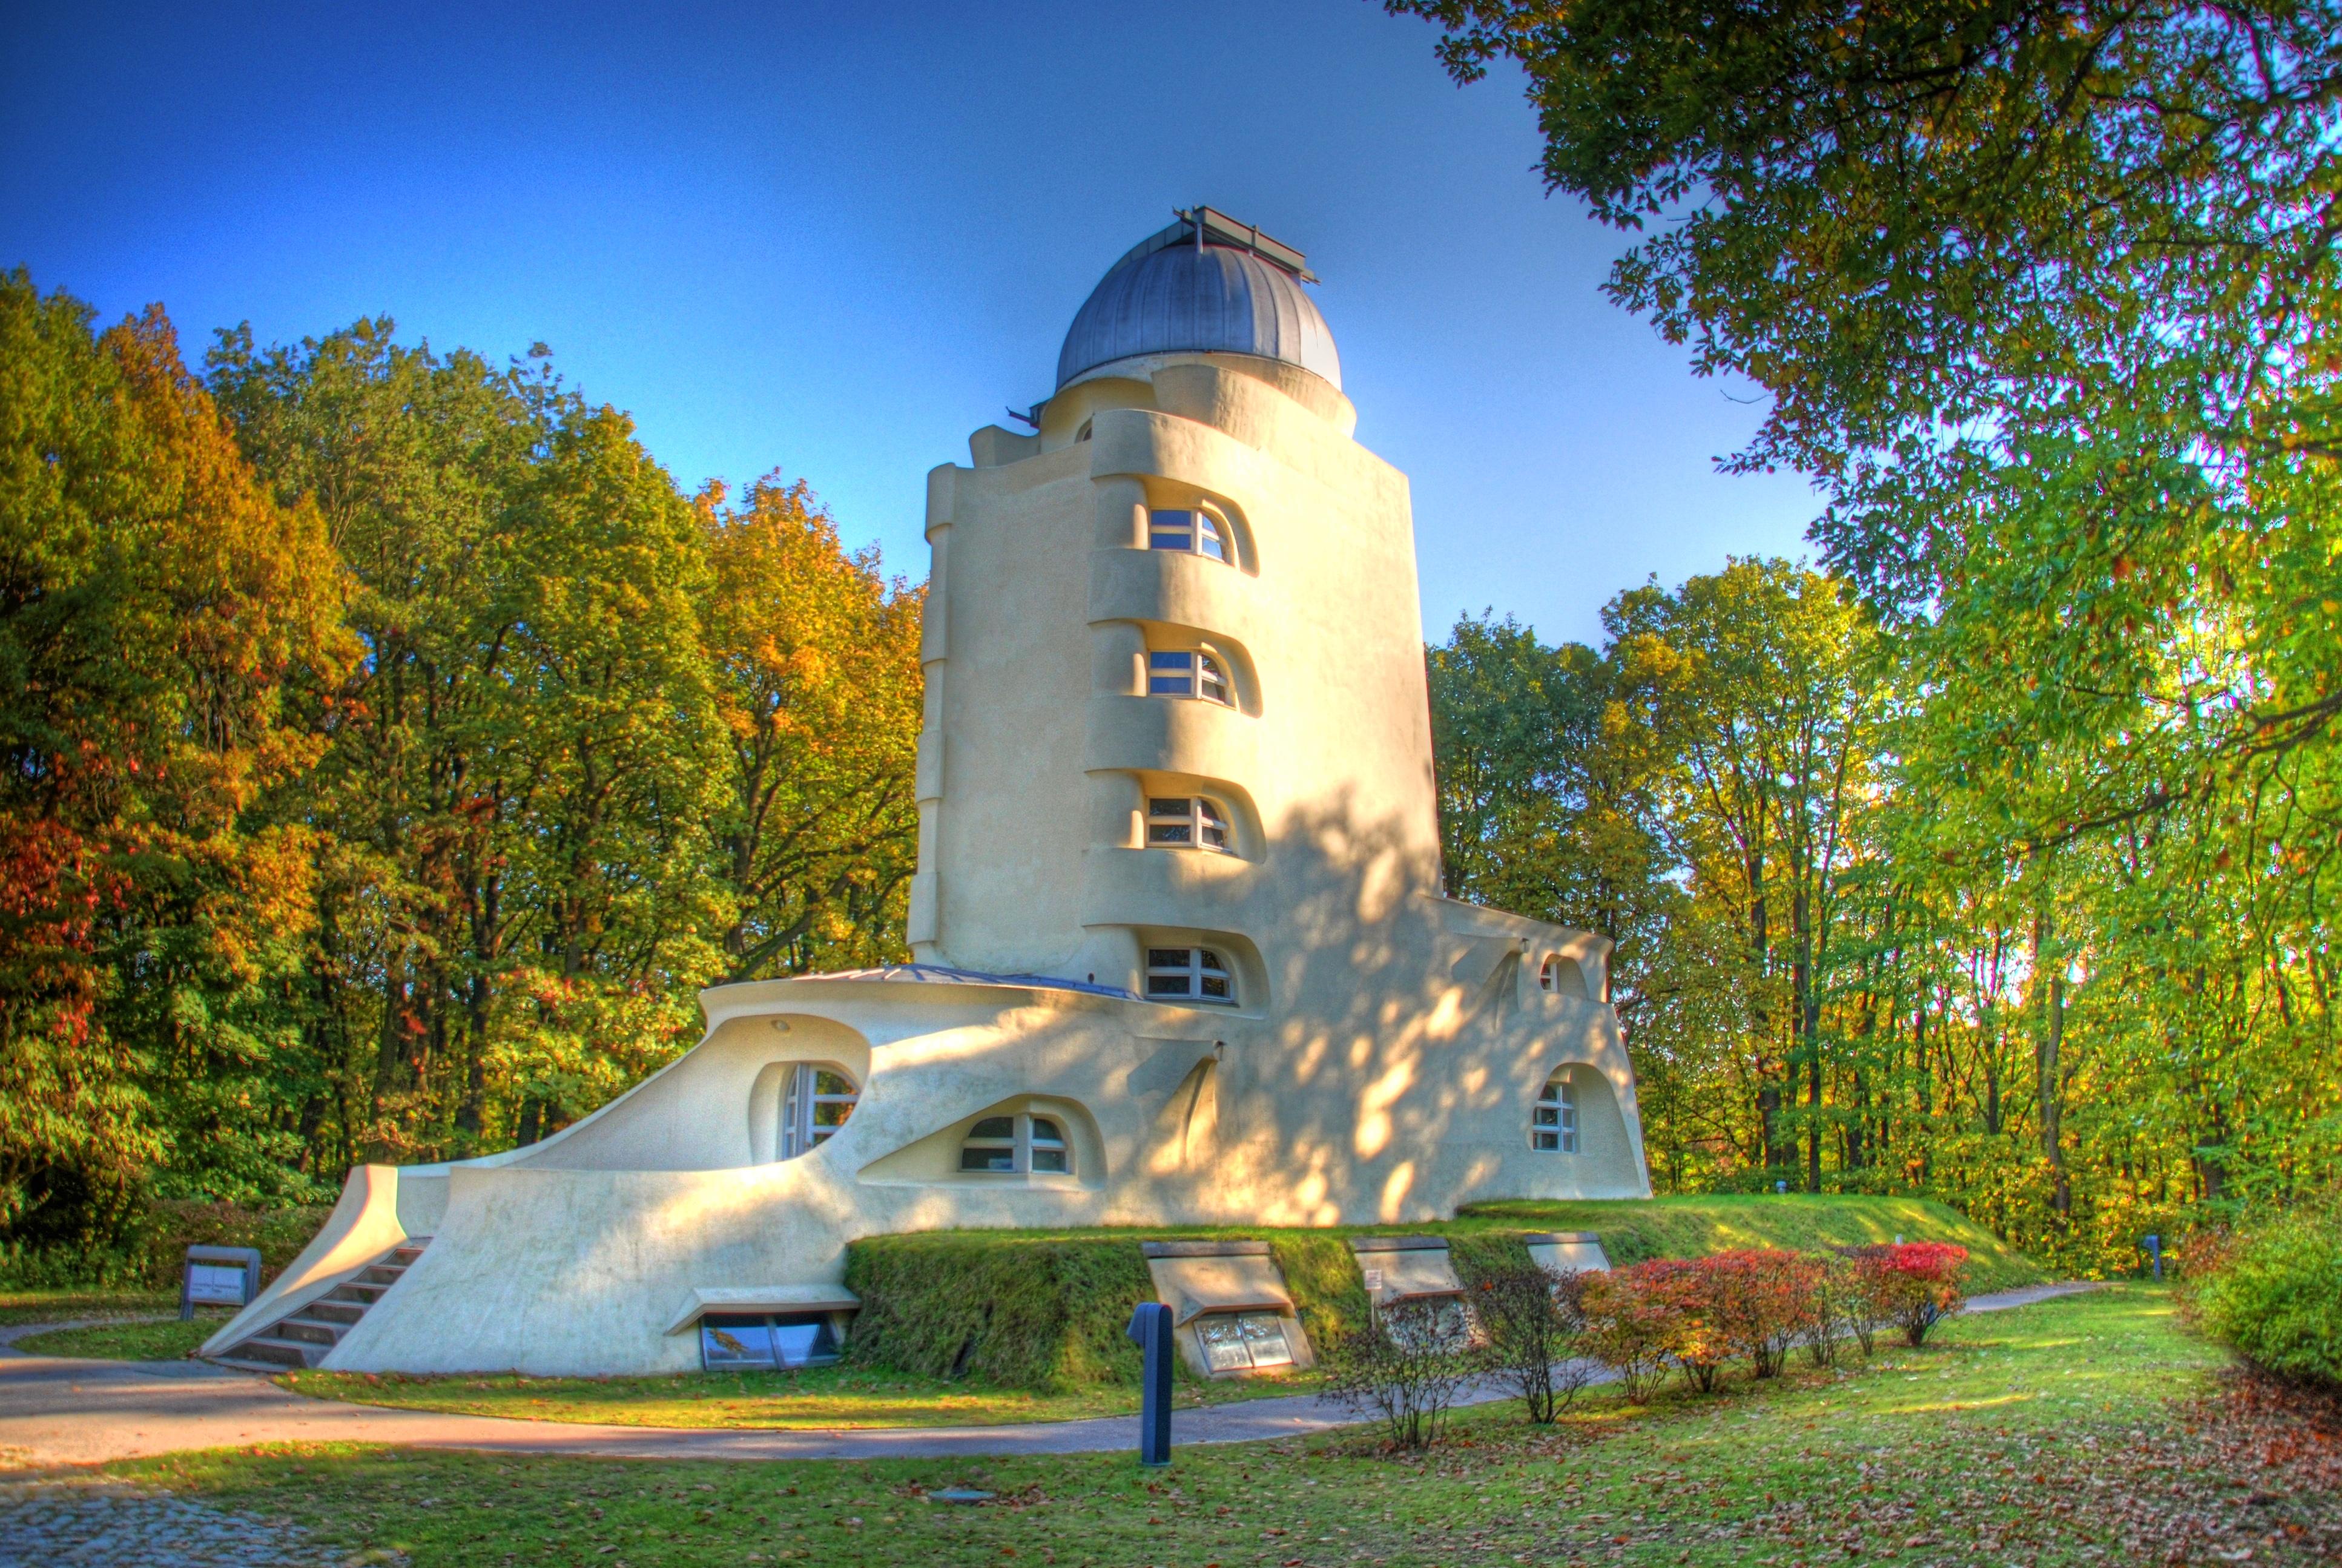 Einsteinturm am Telegraphenberg Potsdam